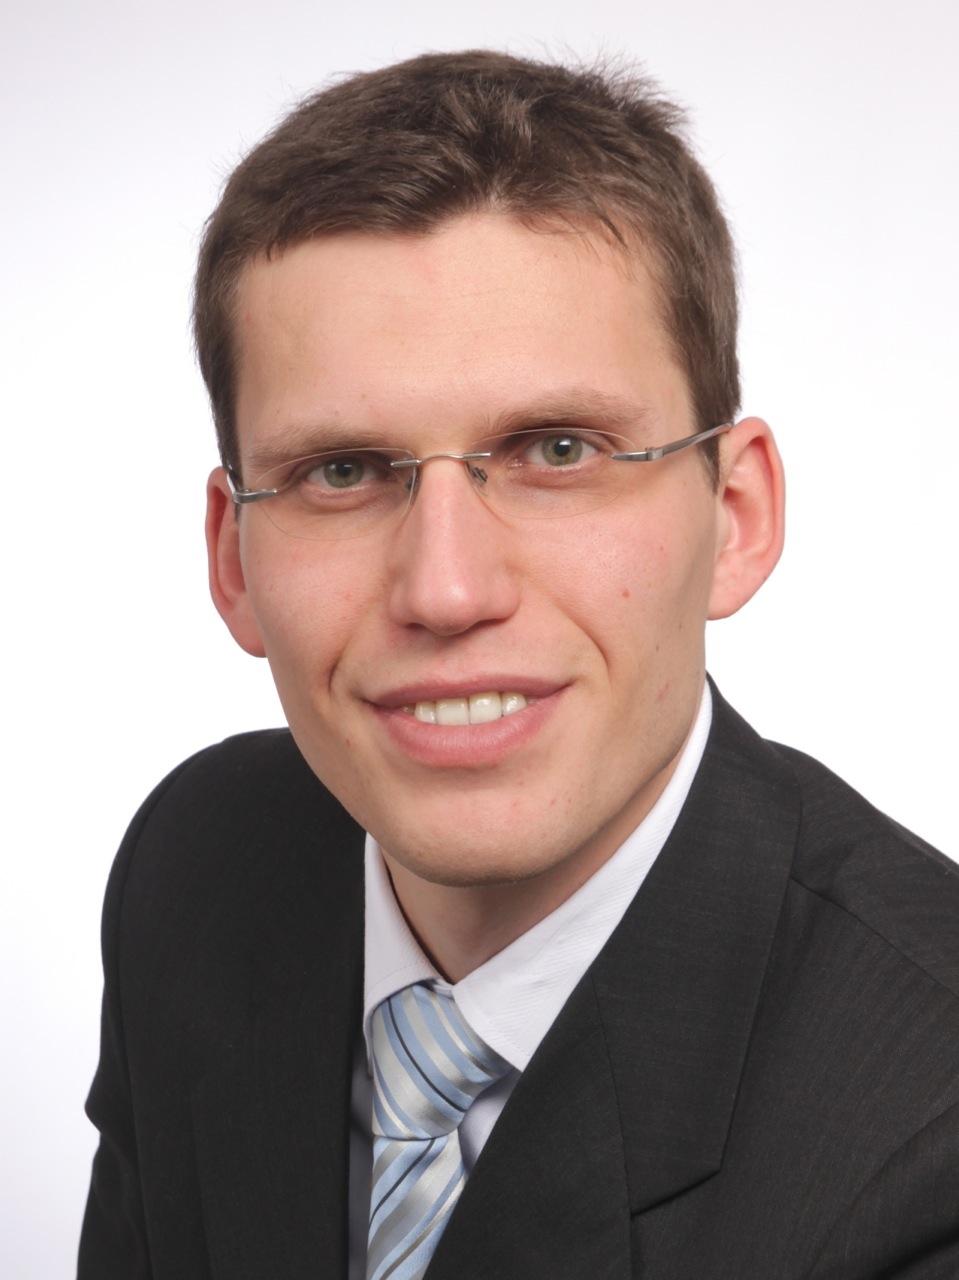 Bernd Albrecht